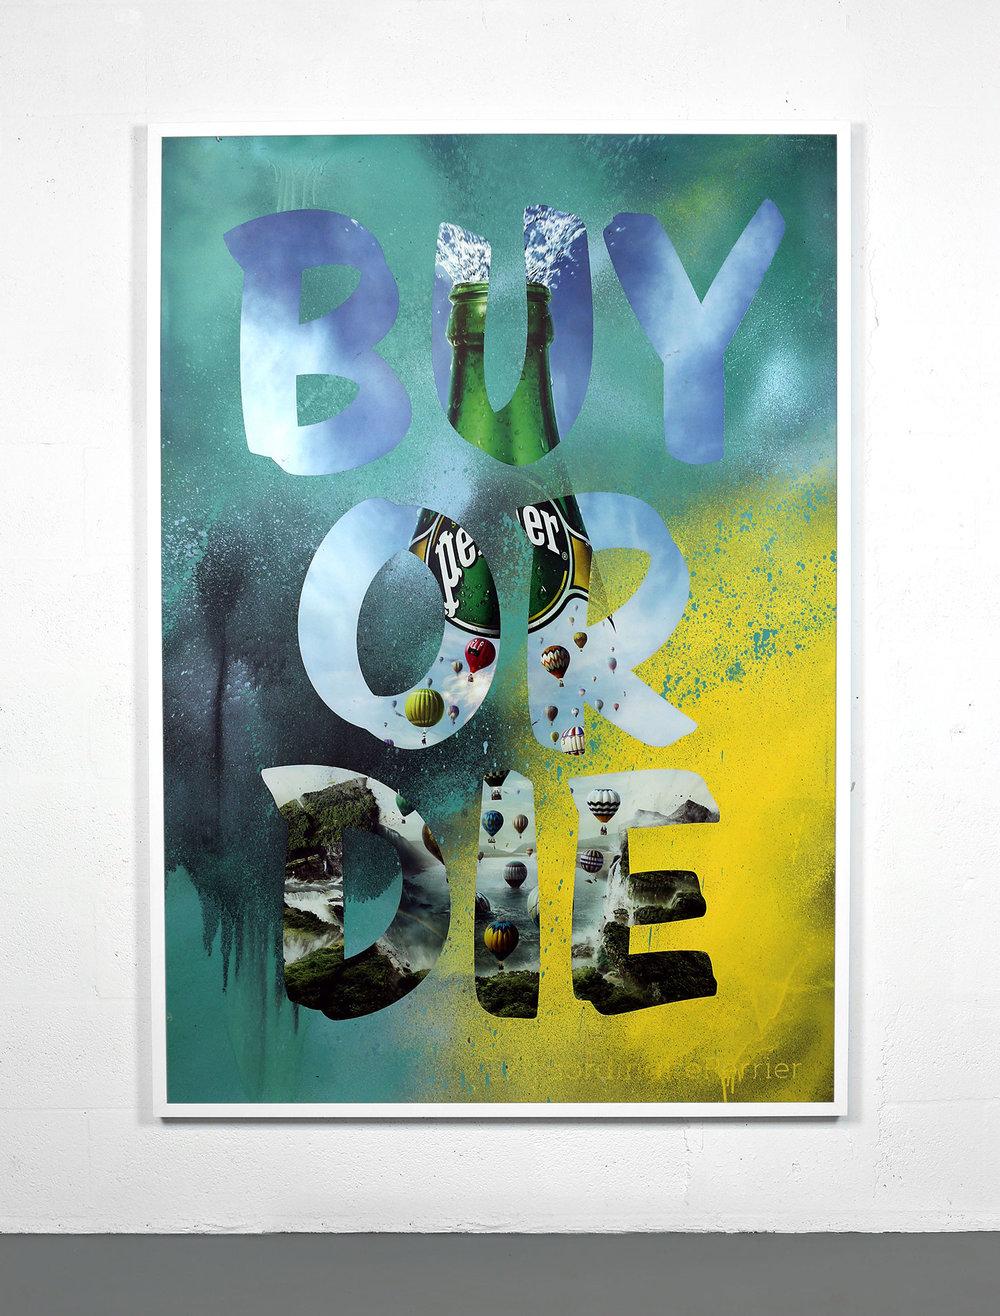 buy-or-die-pierre-dan-alva.jpg